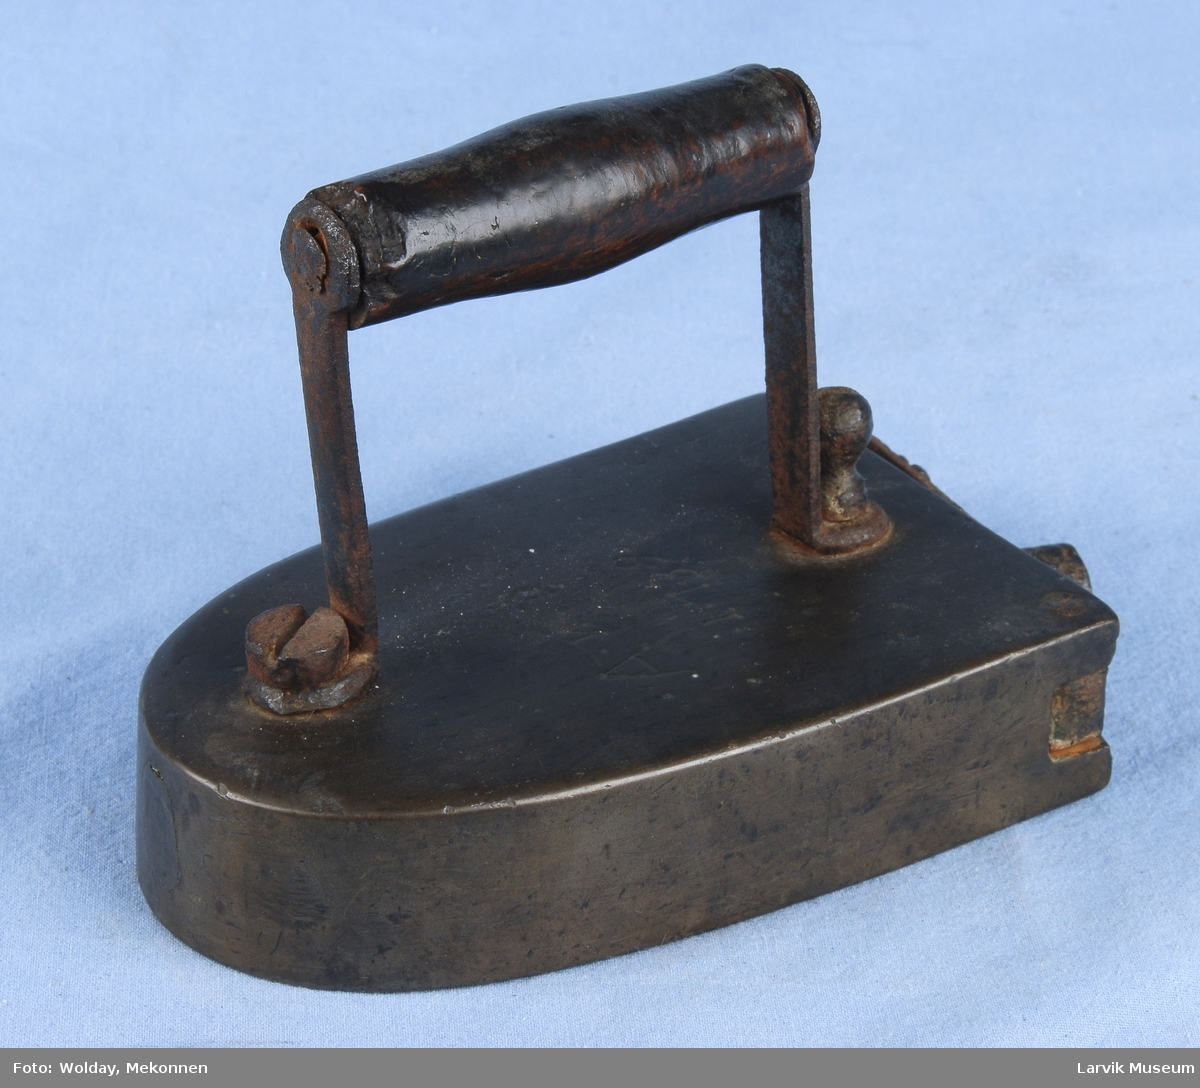 Form: avrundet spiss. hengslet dør bak for ilegg. jerbelastet lås. trehåndtak med støtter i jern fsatskrudd til jernet.